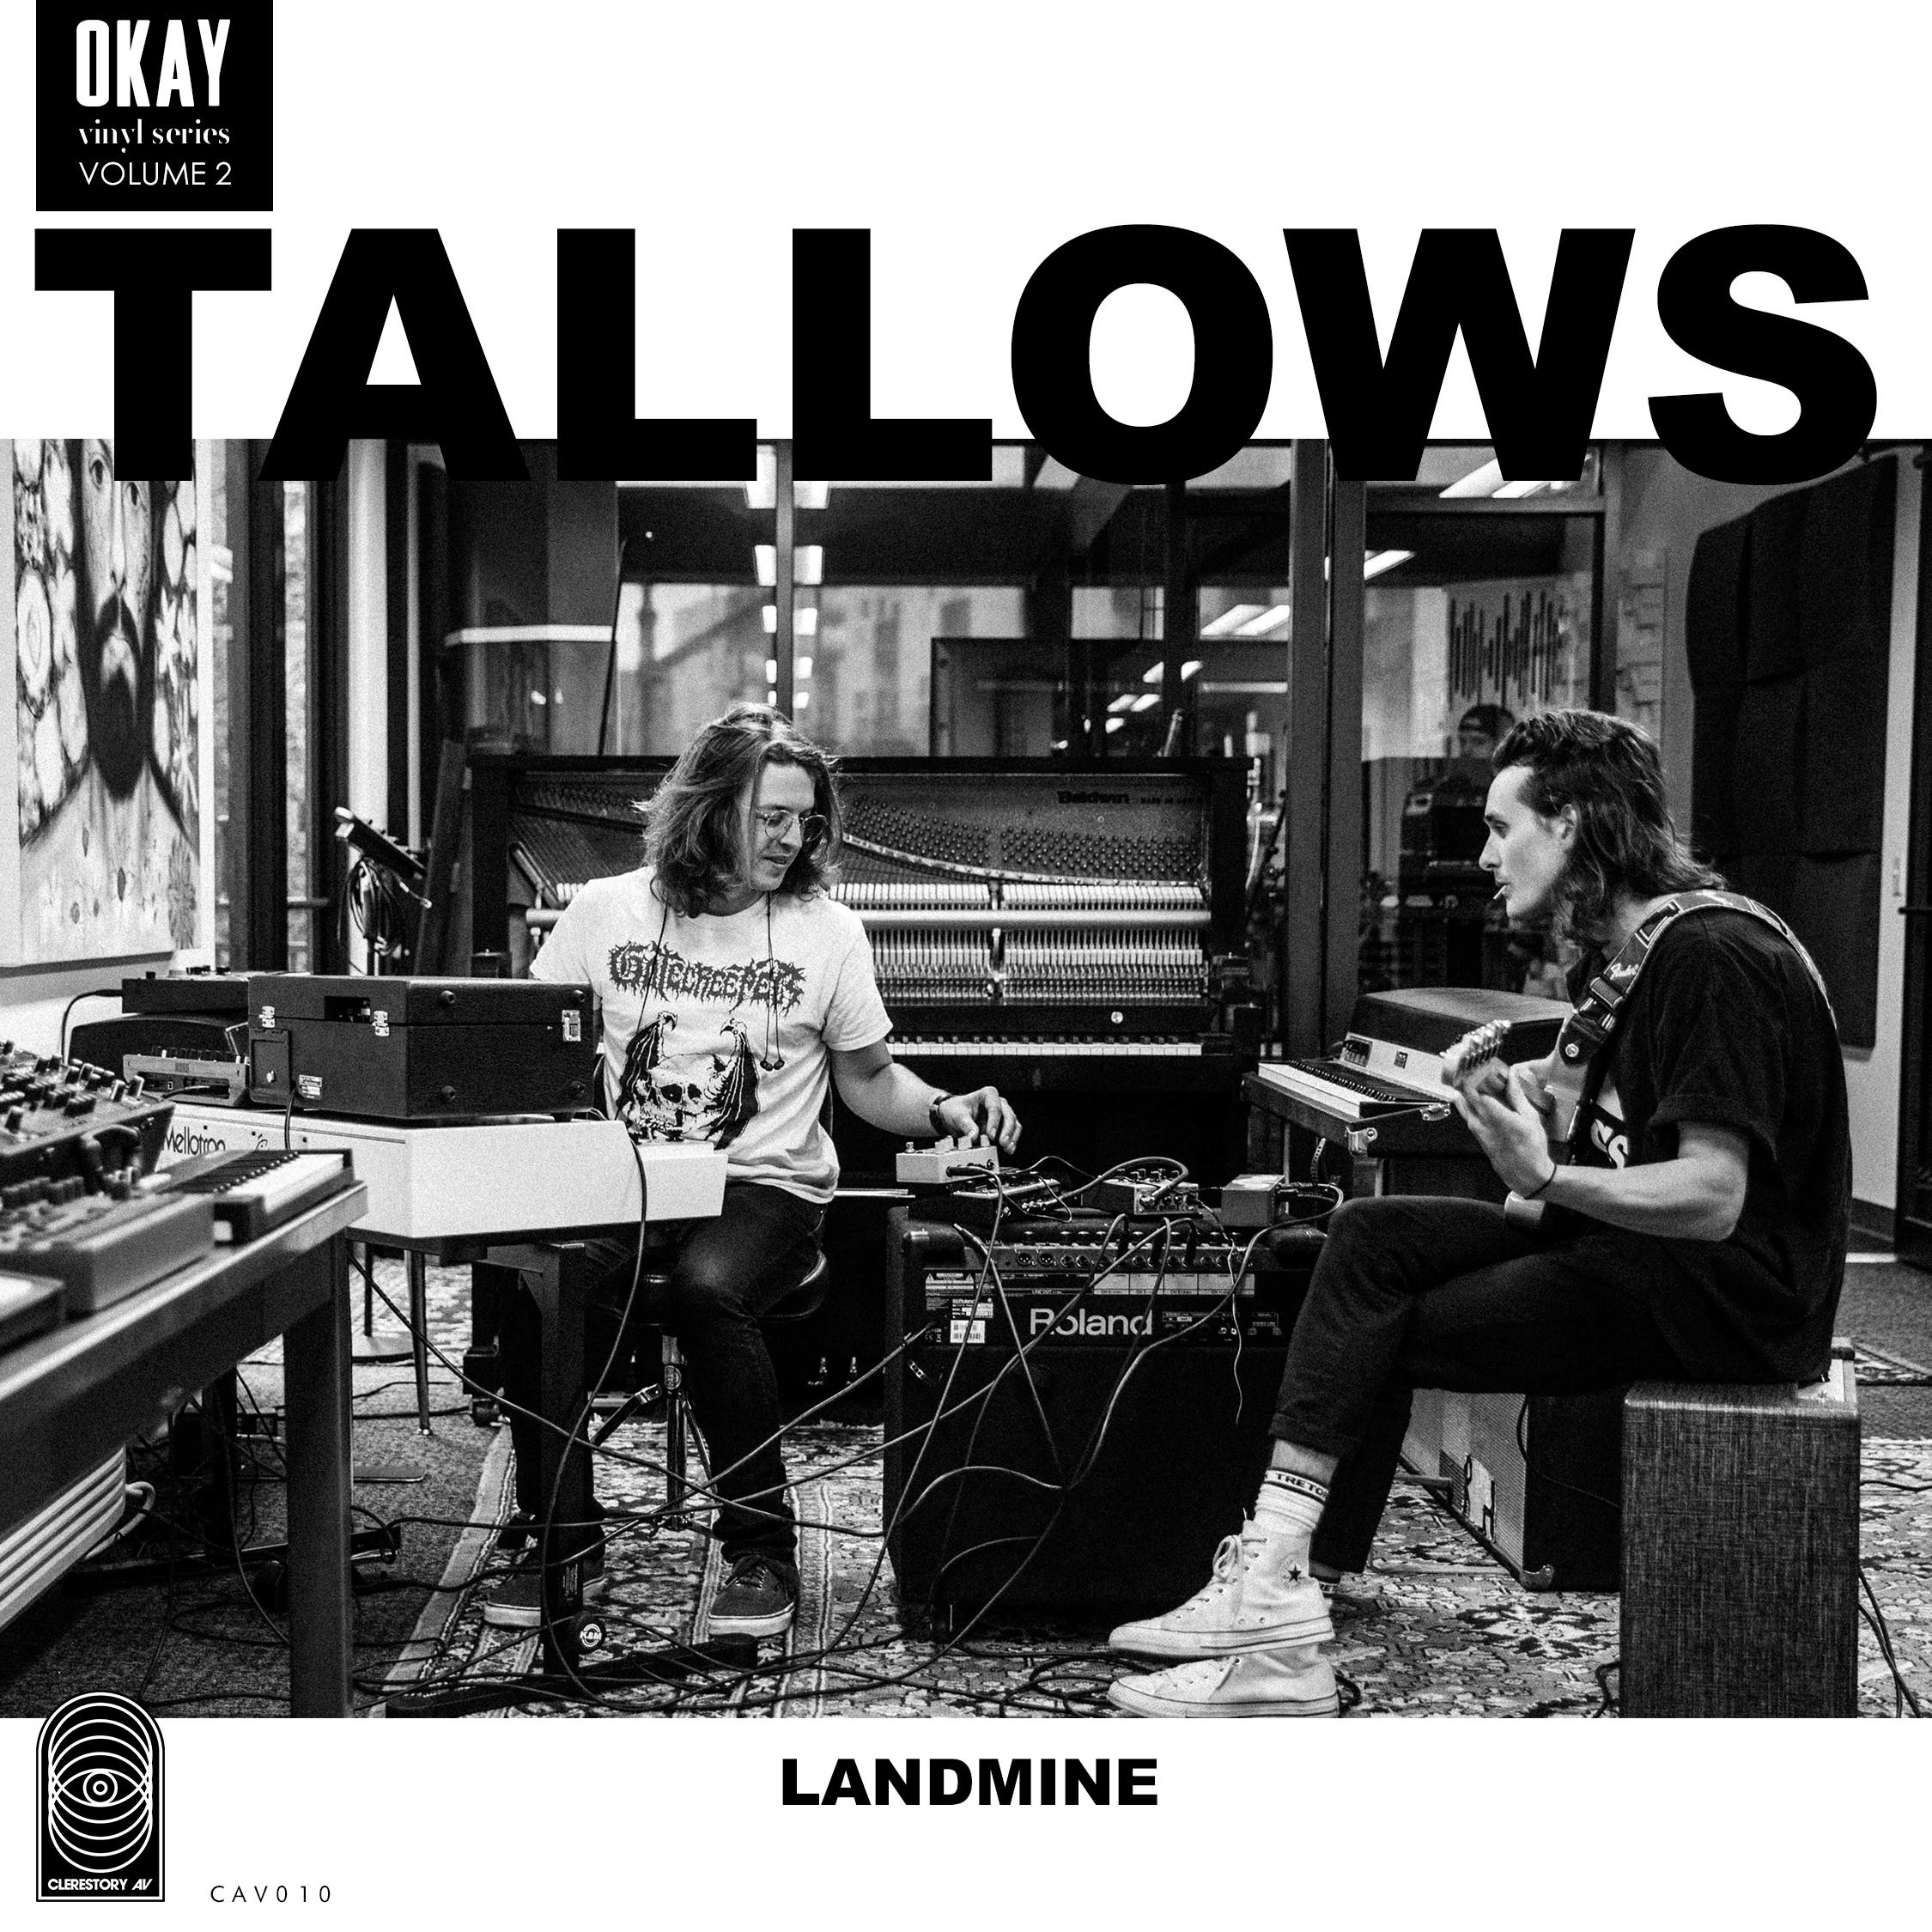 TALLOWS / OKAY Vinyl Series Vol. 2